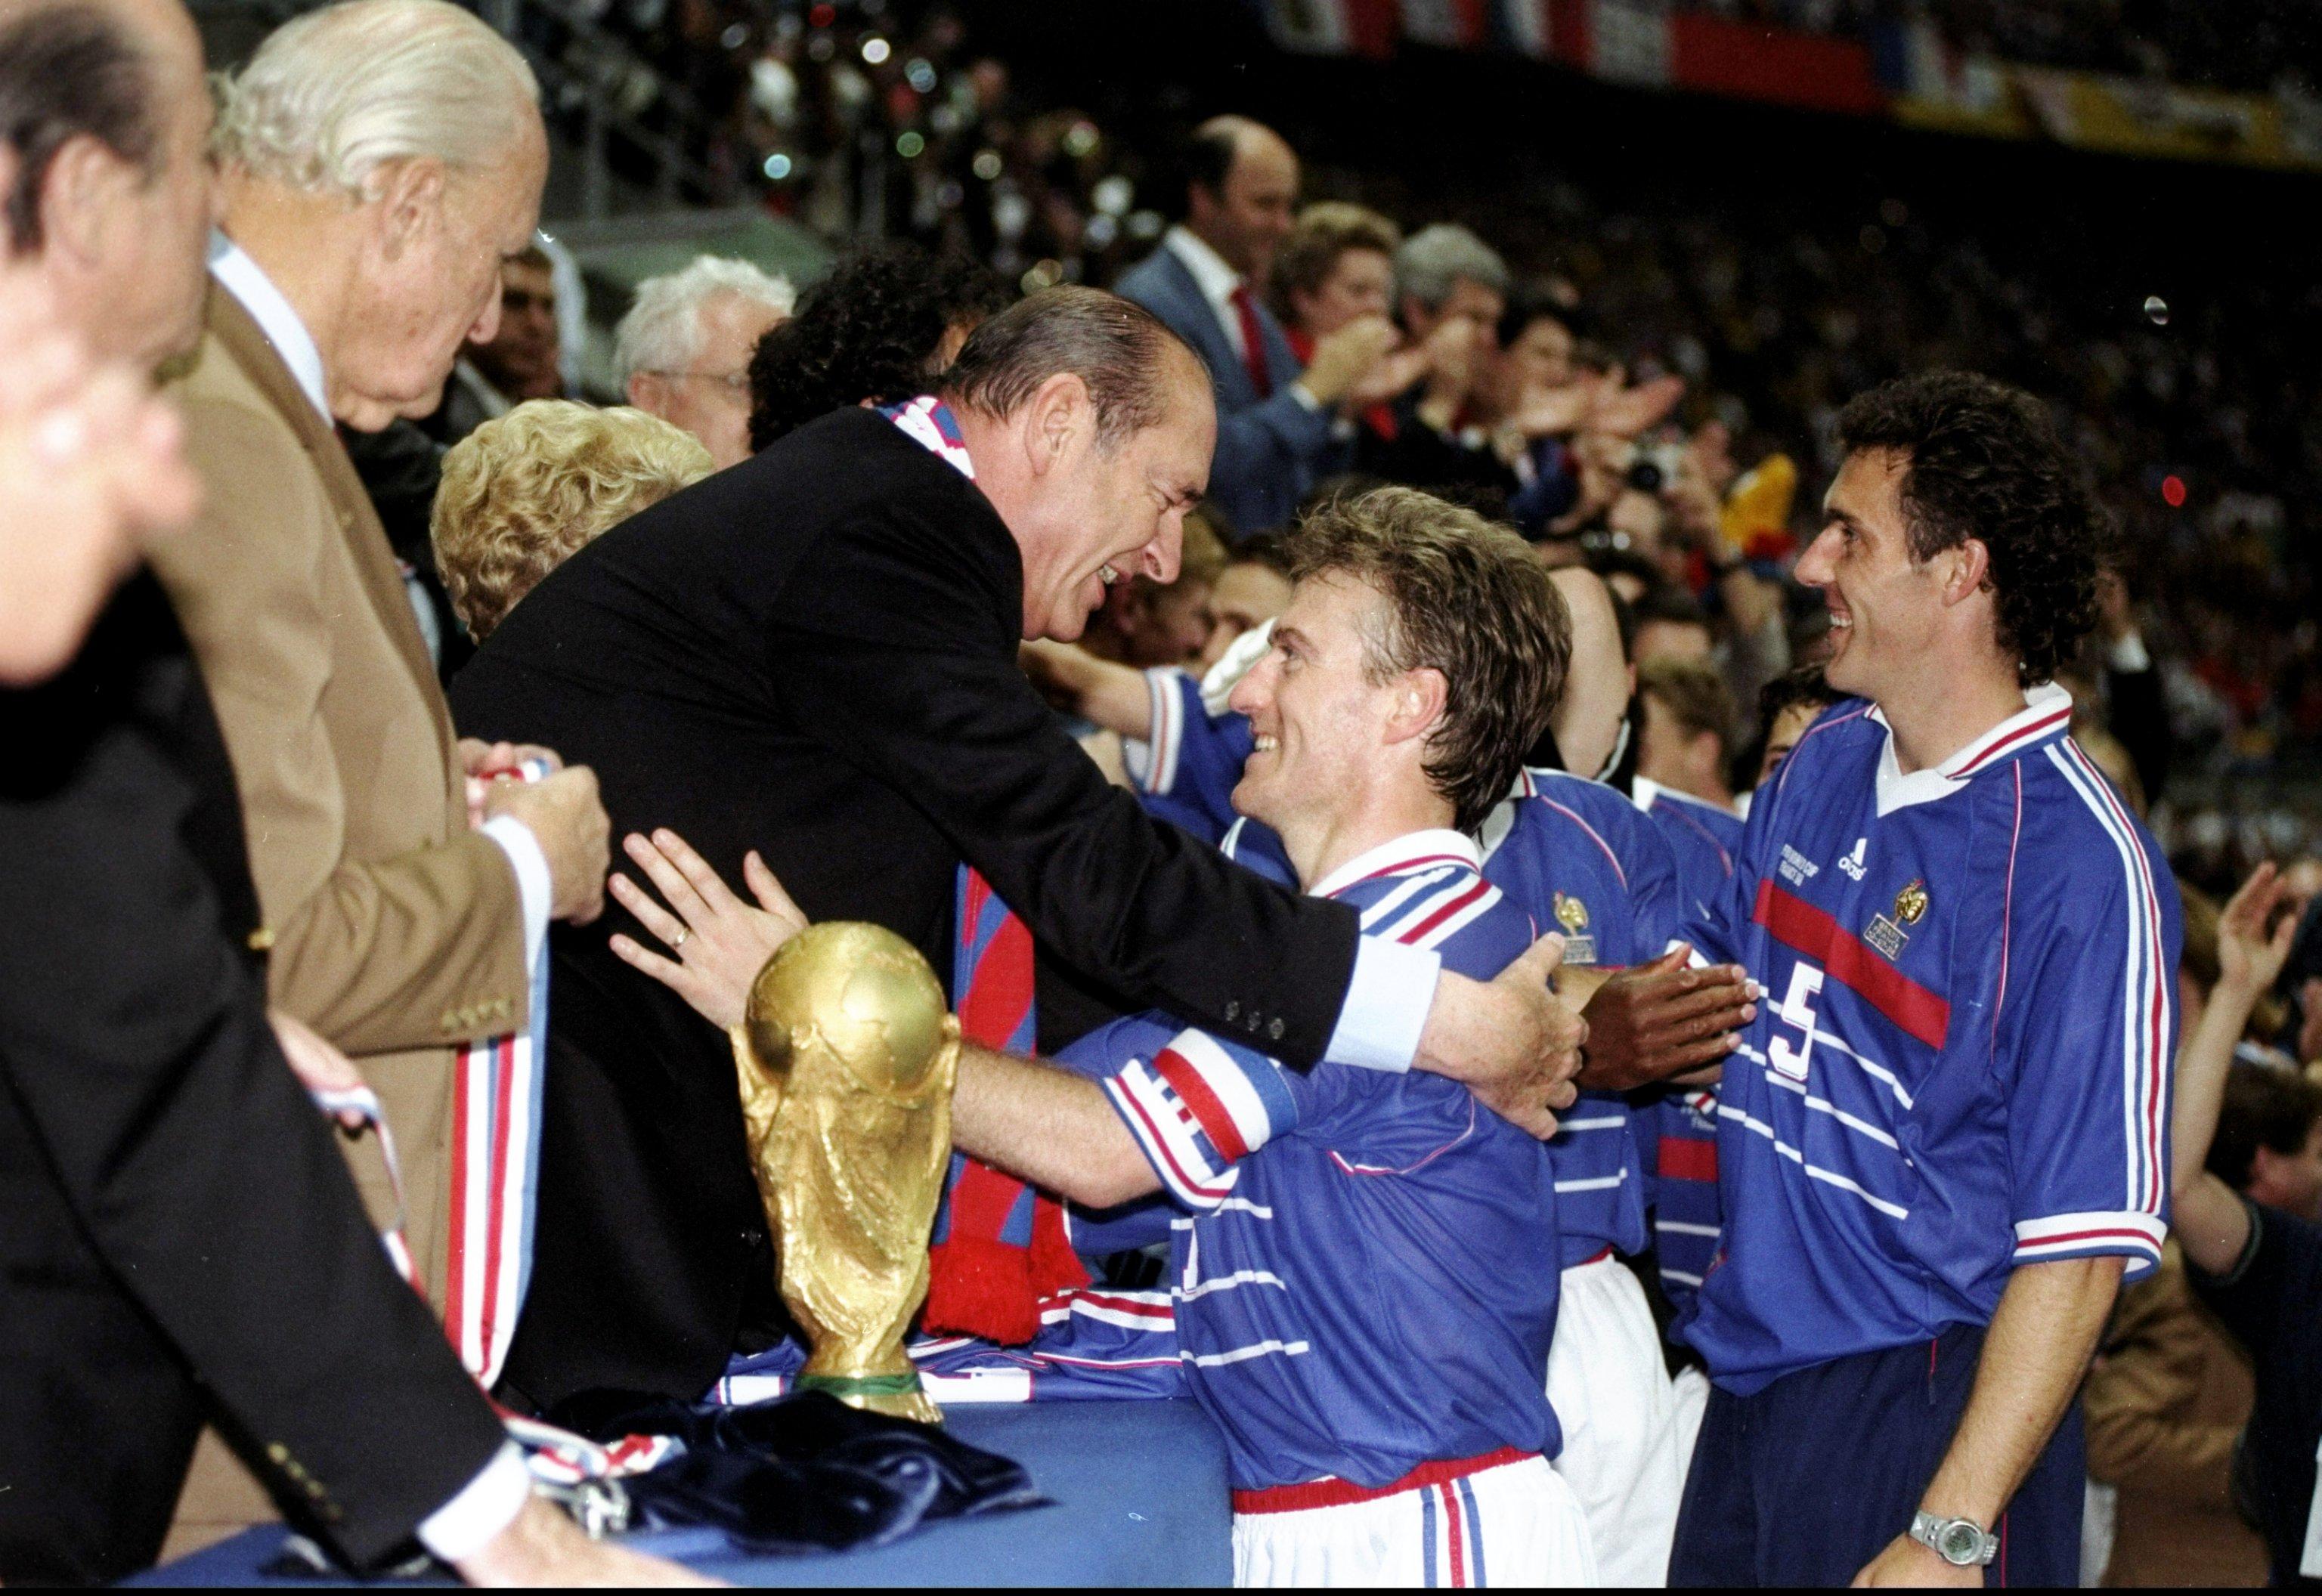 Politique - L'ancien président de la République Jacques Chirac est décédé